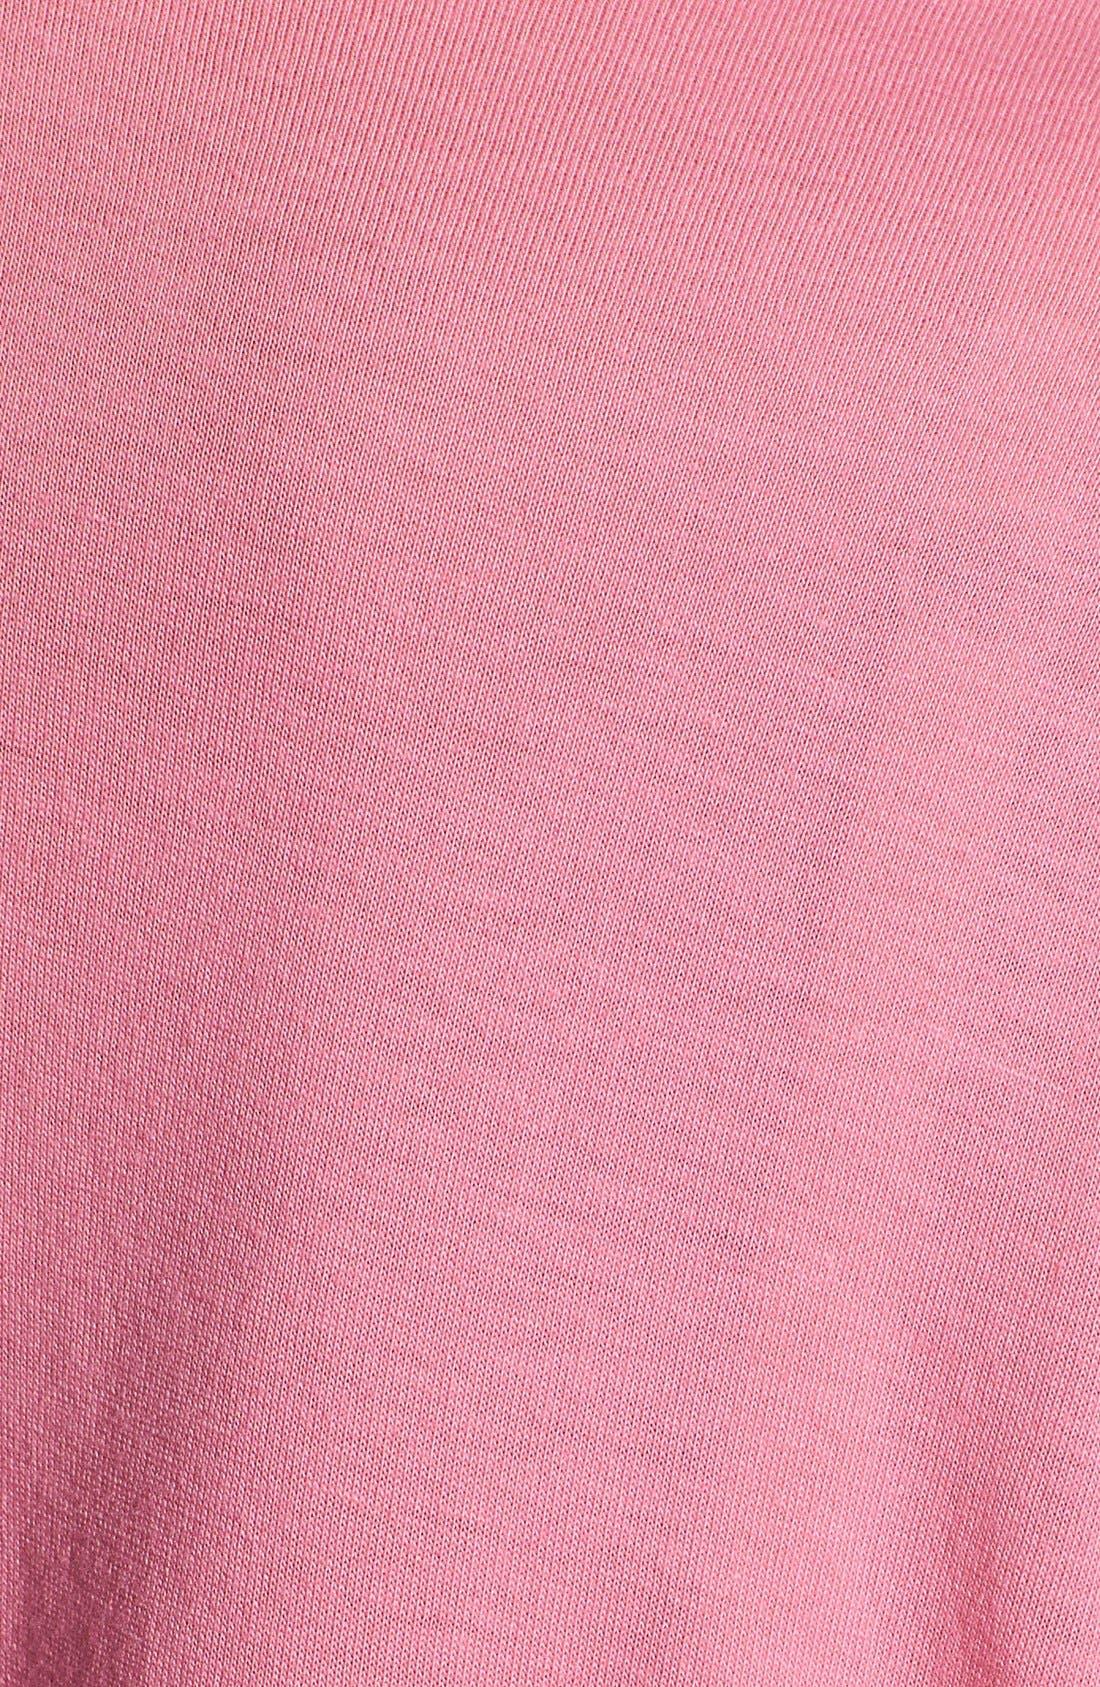 Alternate Image 3  - Josie 'Essentials' Robe